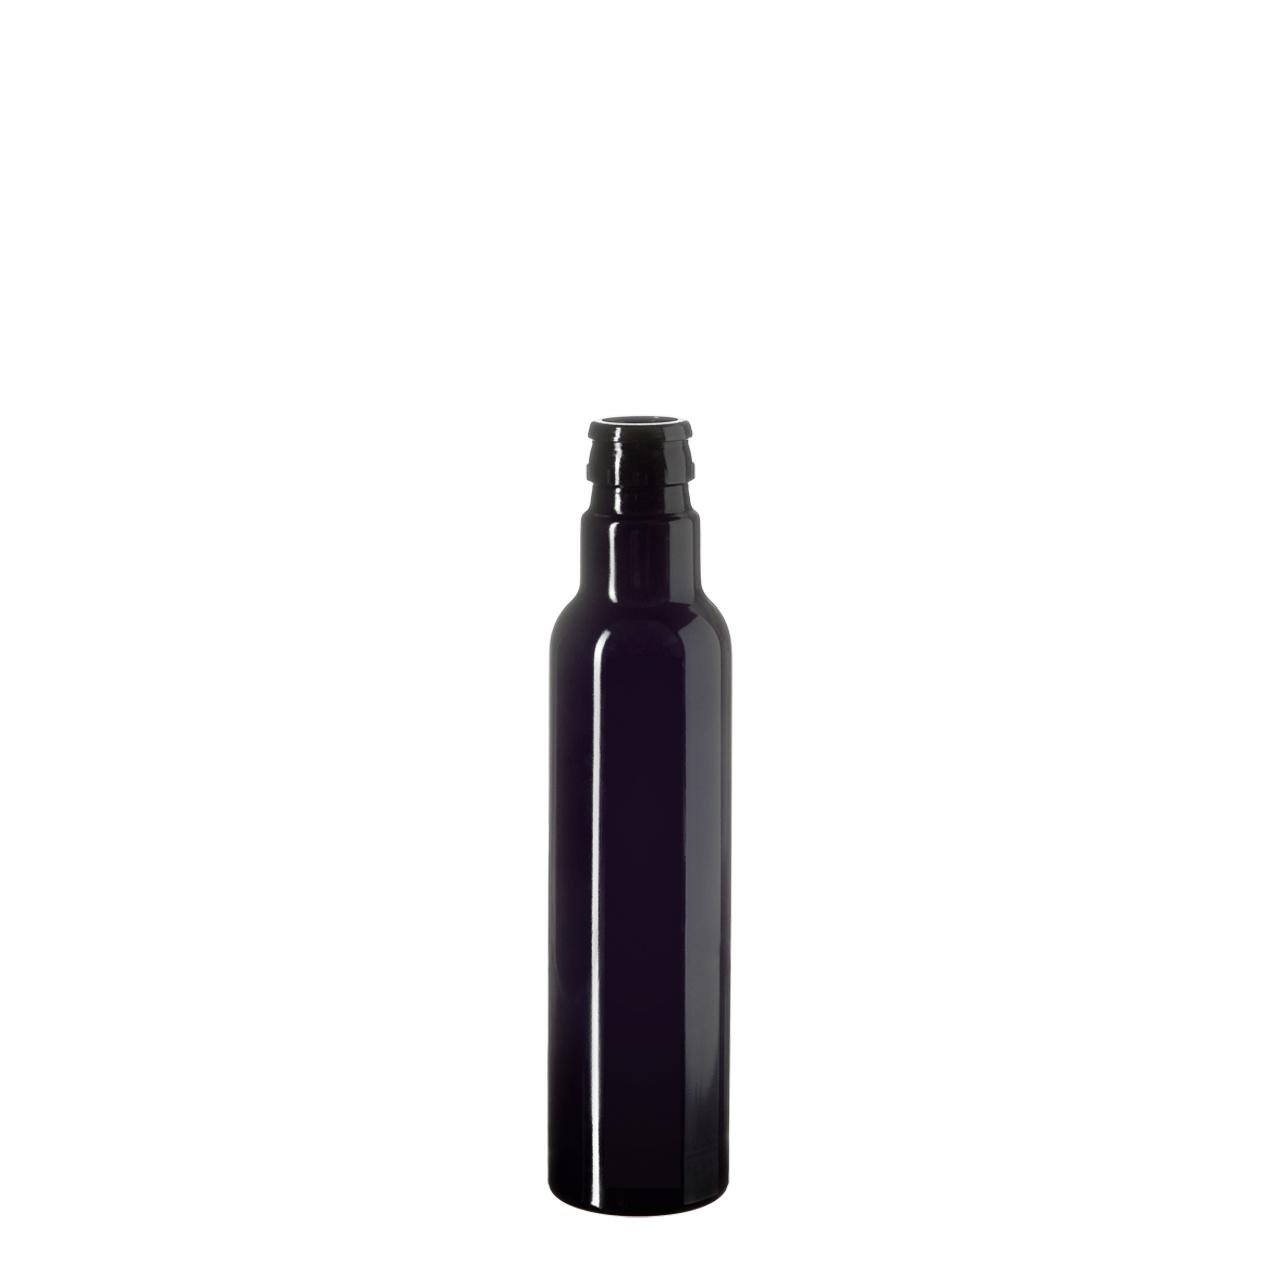 Oil bottle Pollux 250 ml, Miron, 29.4 CPR thread